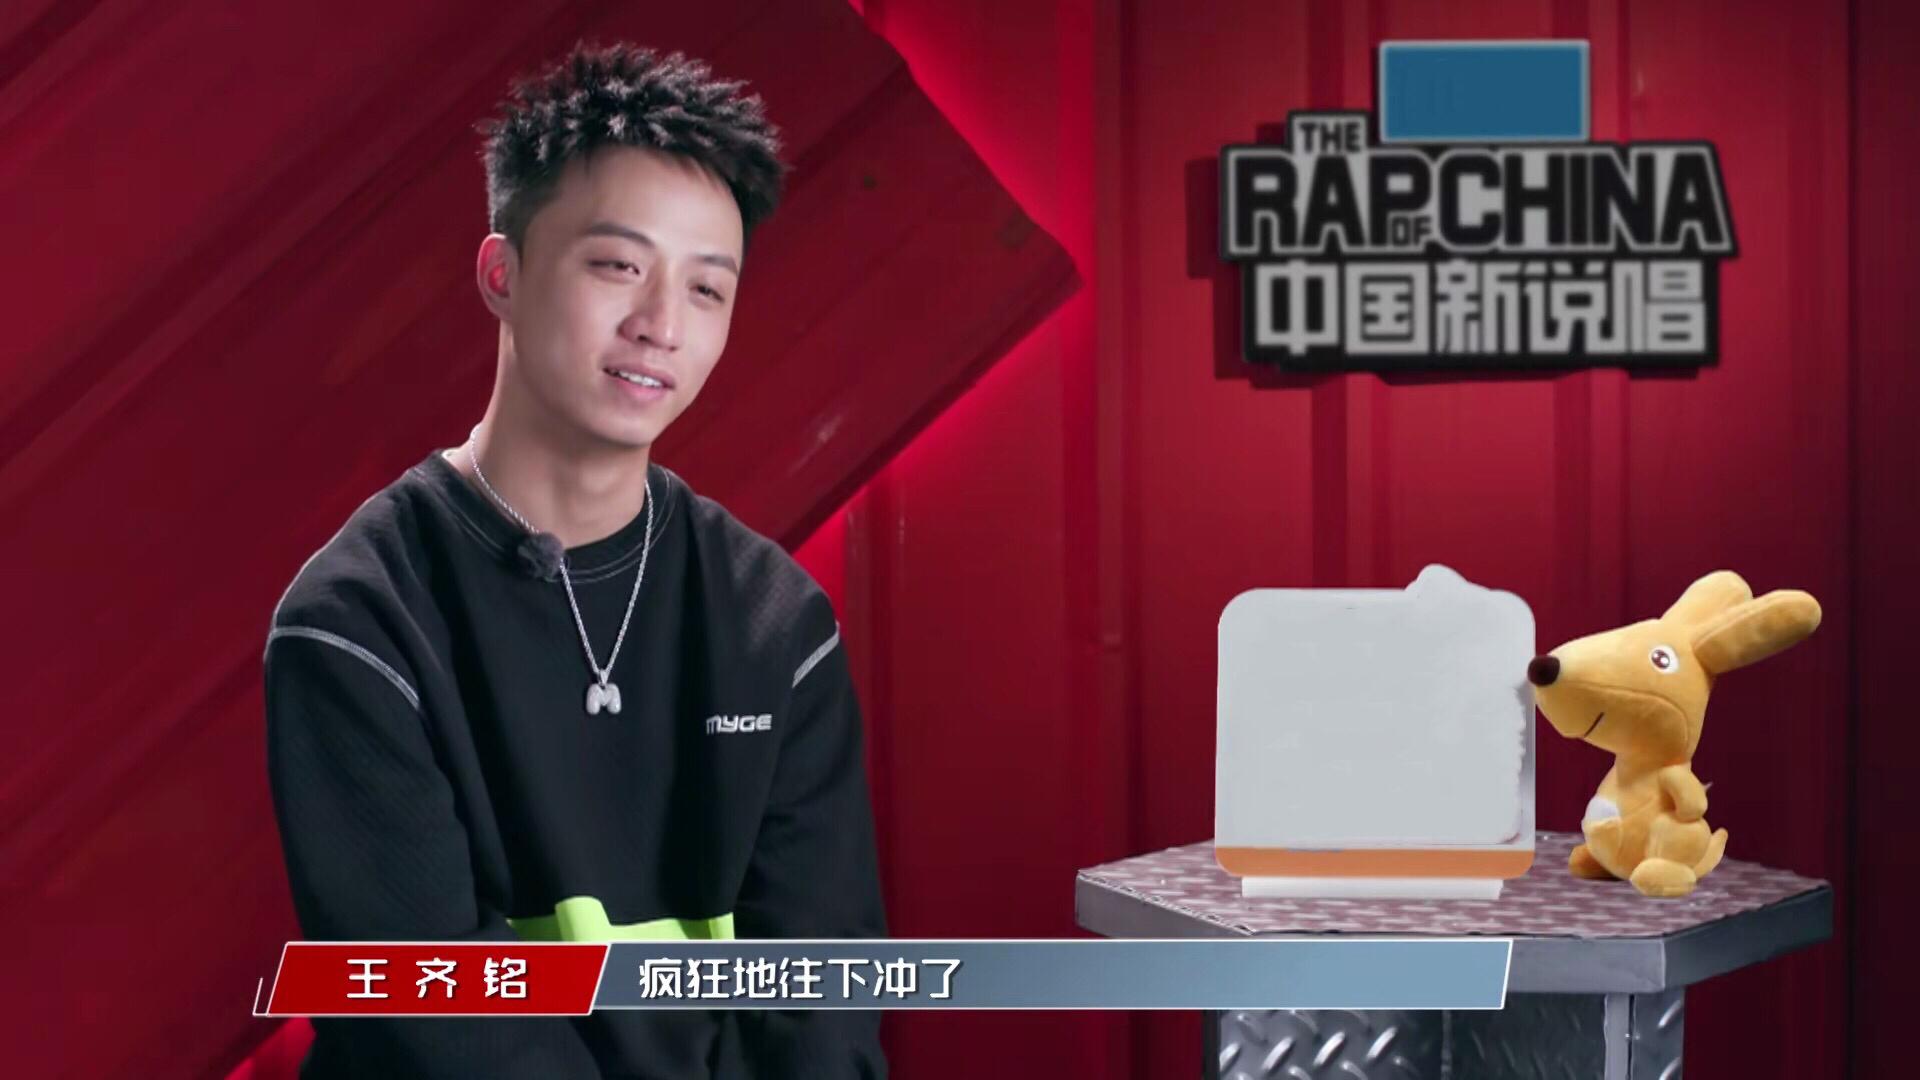 中国新说唱:在中国,最能代表嘻哈精神的食物,应该是面条吧……